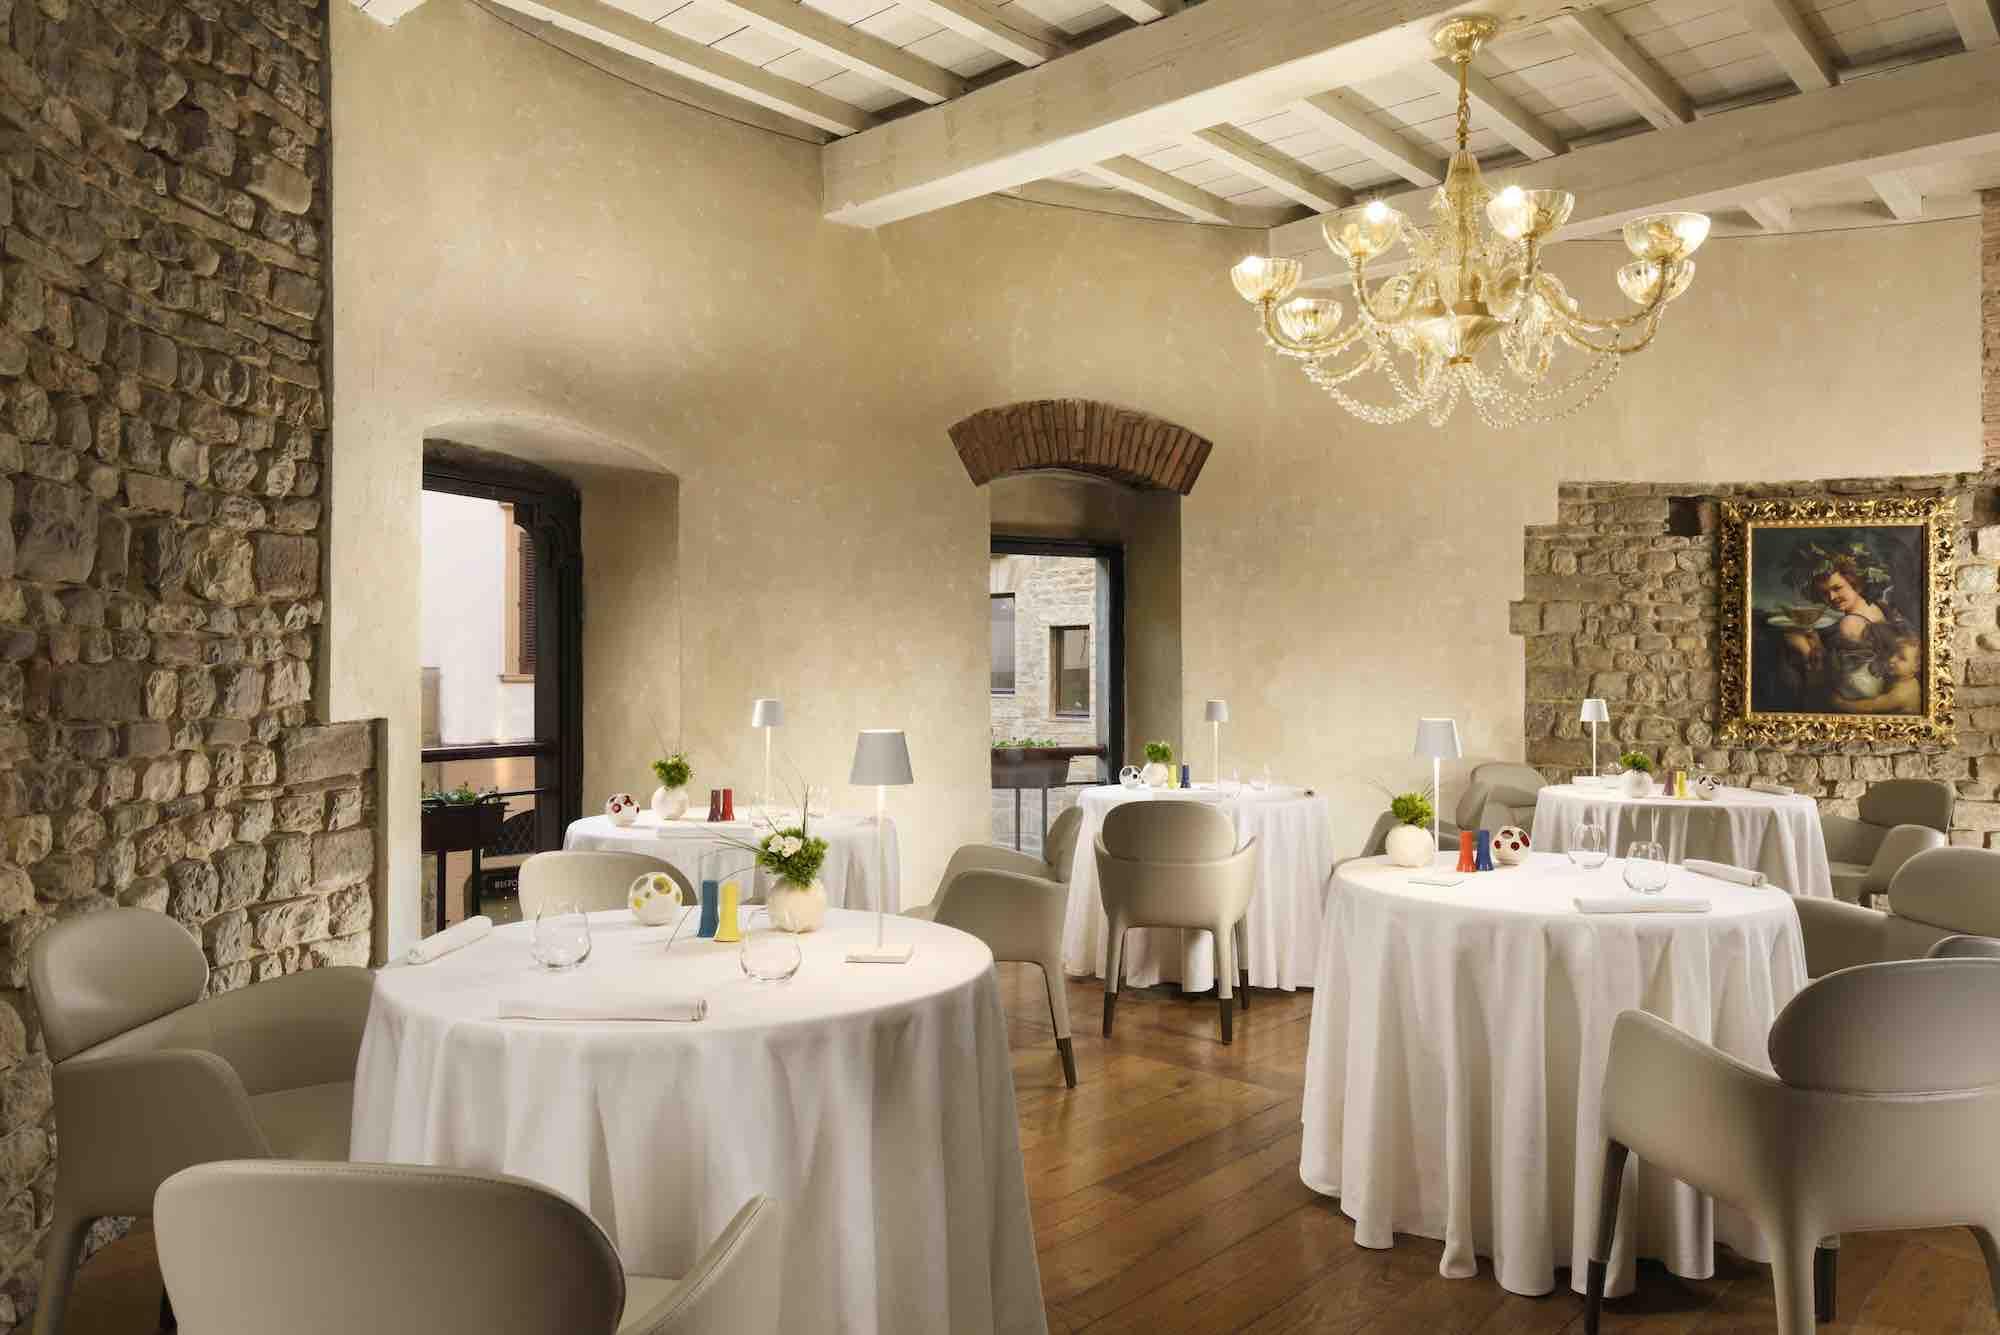 I 6 migliori ristoranti di design a Firenze, dove arredi, architettura e senso estetico incontrano la migliore cucina toscana reinterpretata in chiave moderna: ristorante Santa Elisabetta